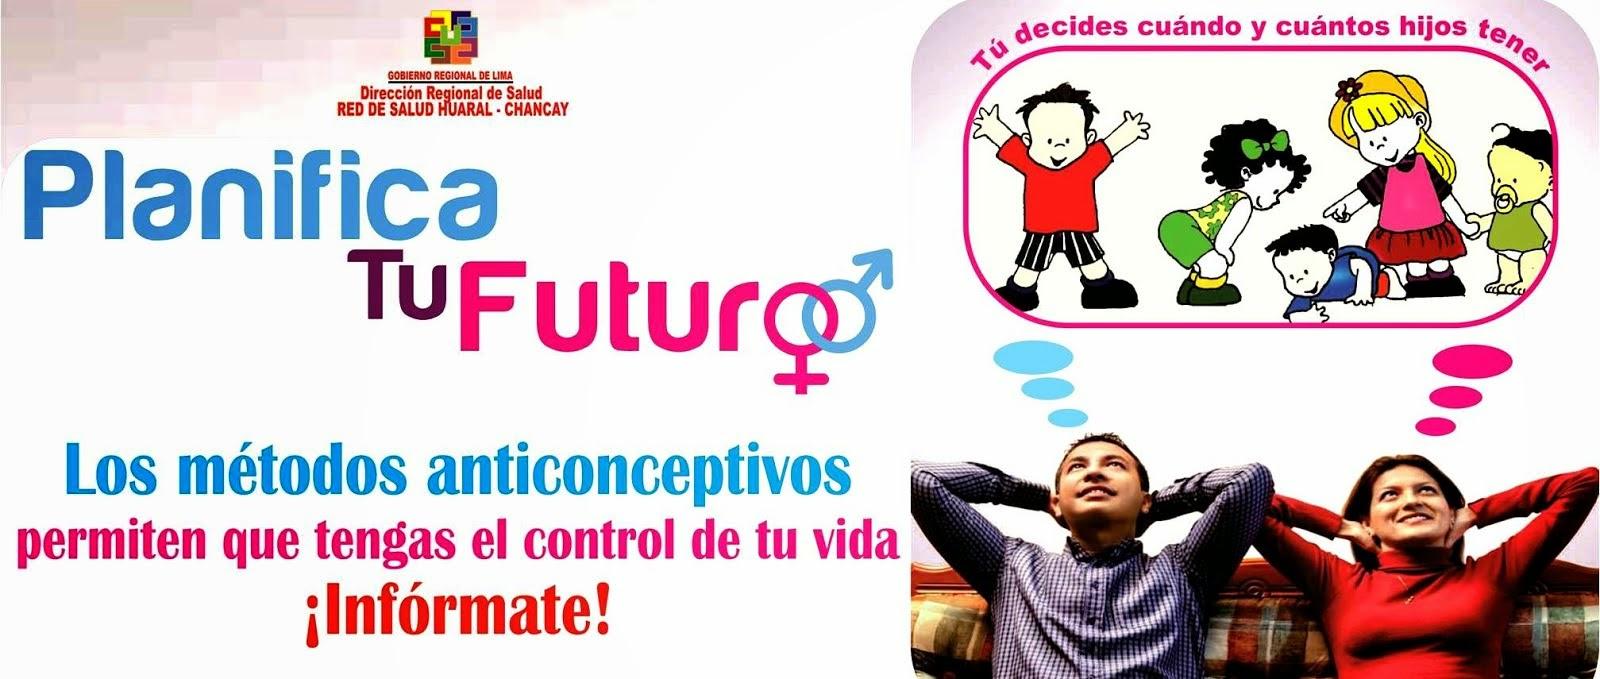 Los métodos anticonceptivos permiten que tengas el control de tu vida ¡Infórmate!